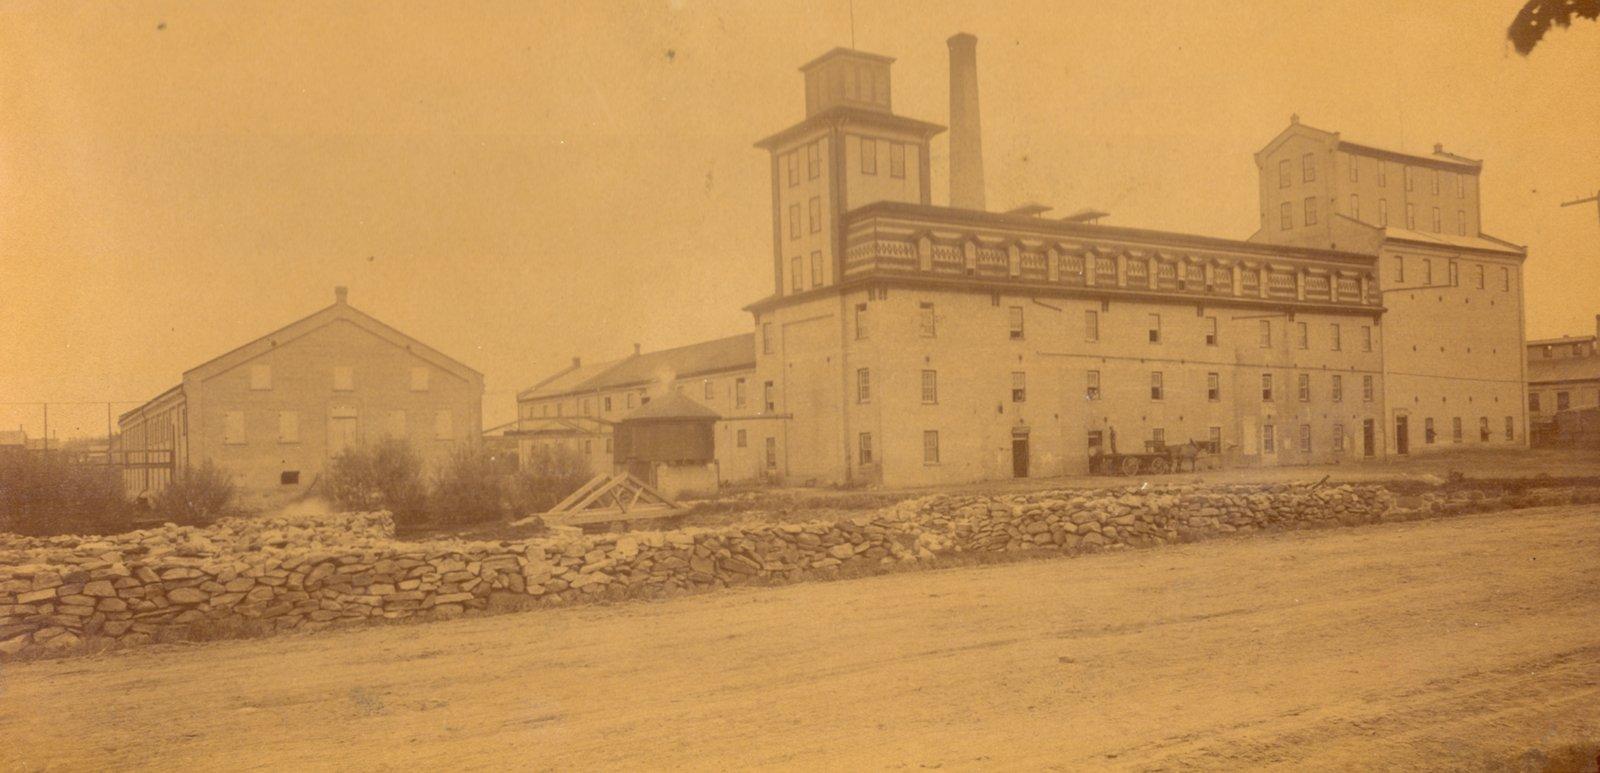 Granite Mills and Waterloo Distillery